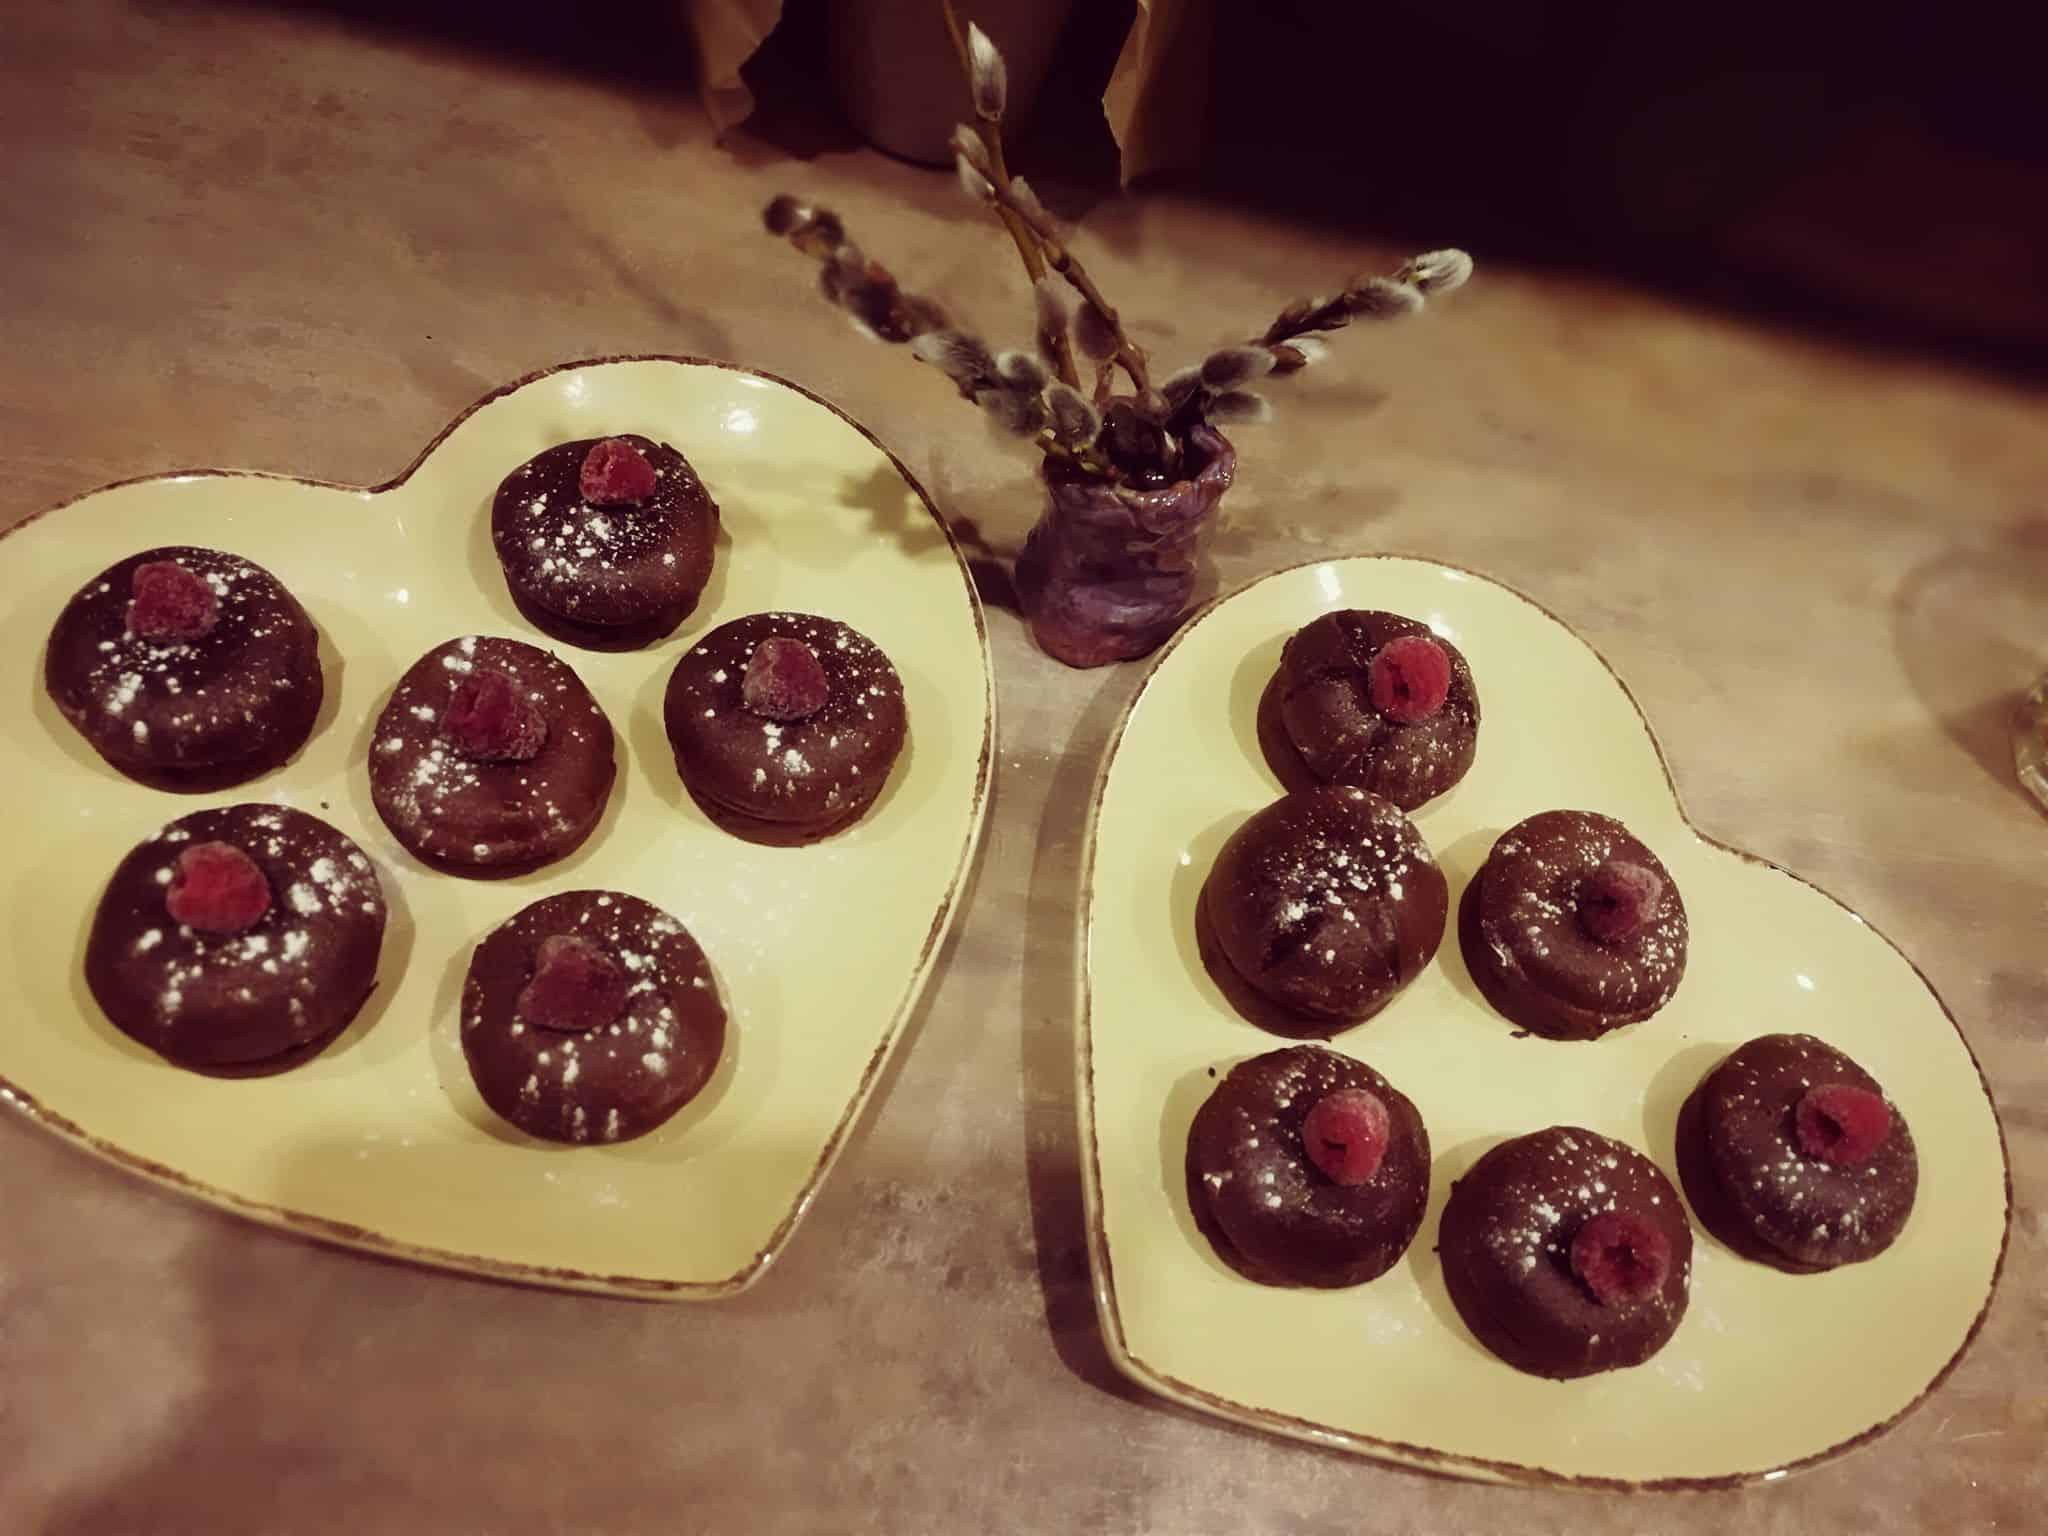 šokoladiniai keksiukai desertas